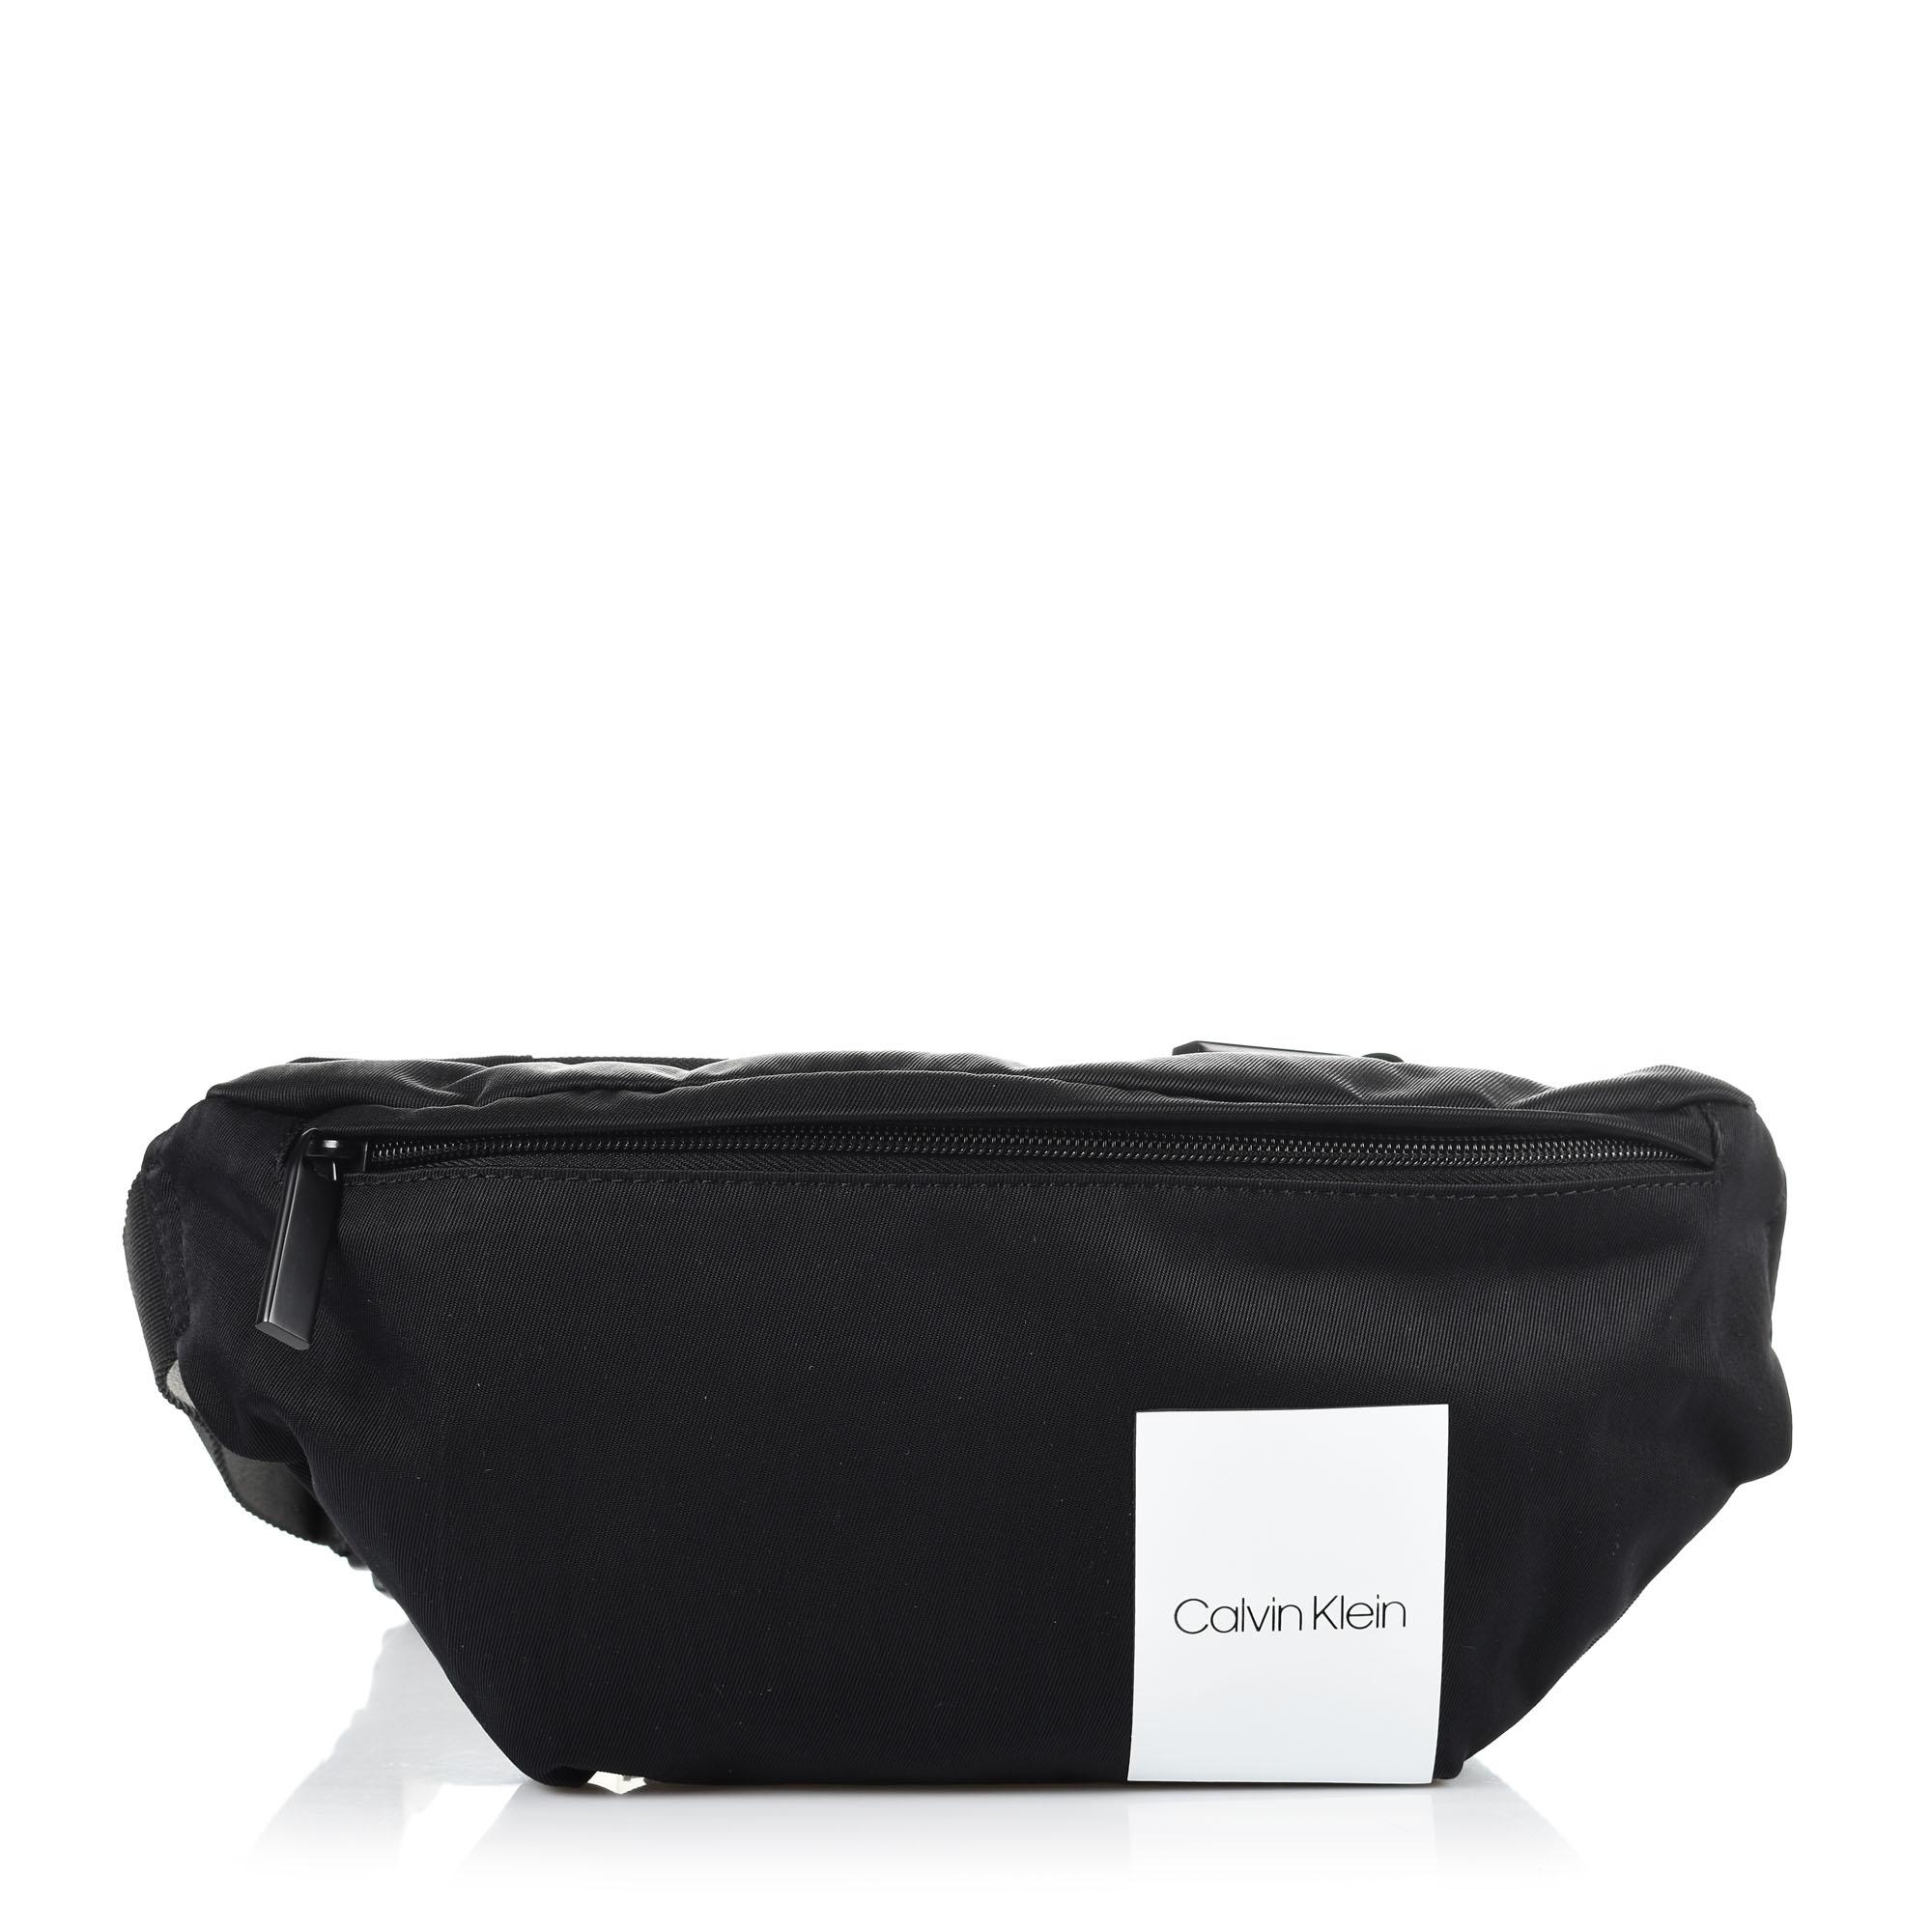 Τσαντάκι Μέσης Calvin Klein Item Story Waist Bag K50K504376 ανδρας   τσαντάκι μέσης